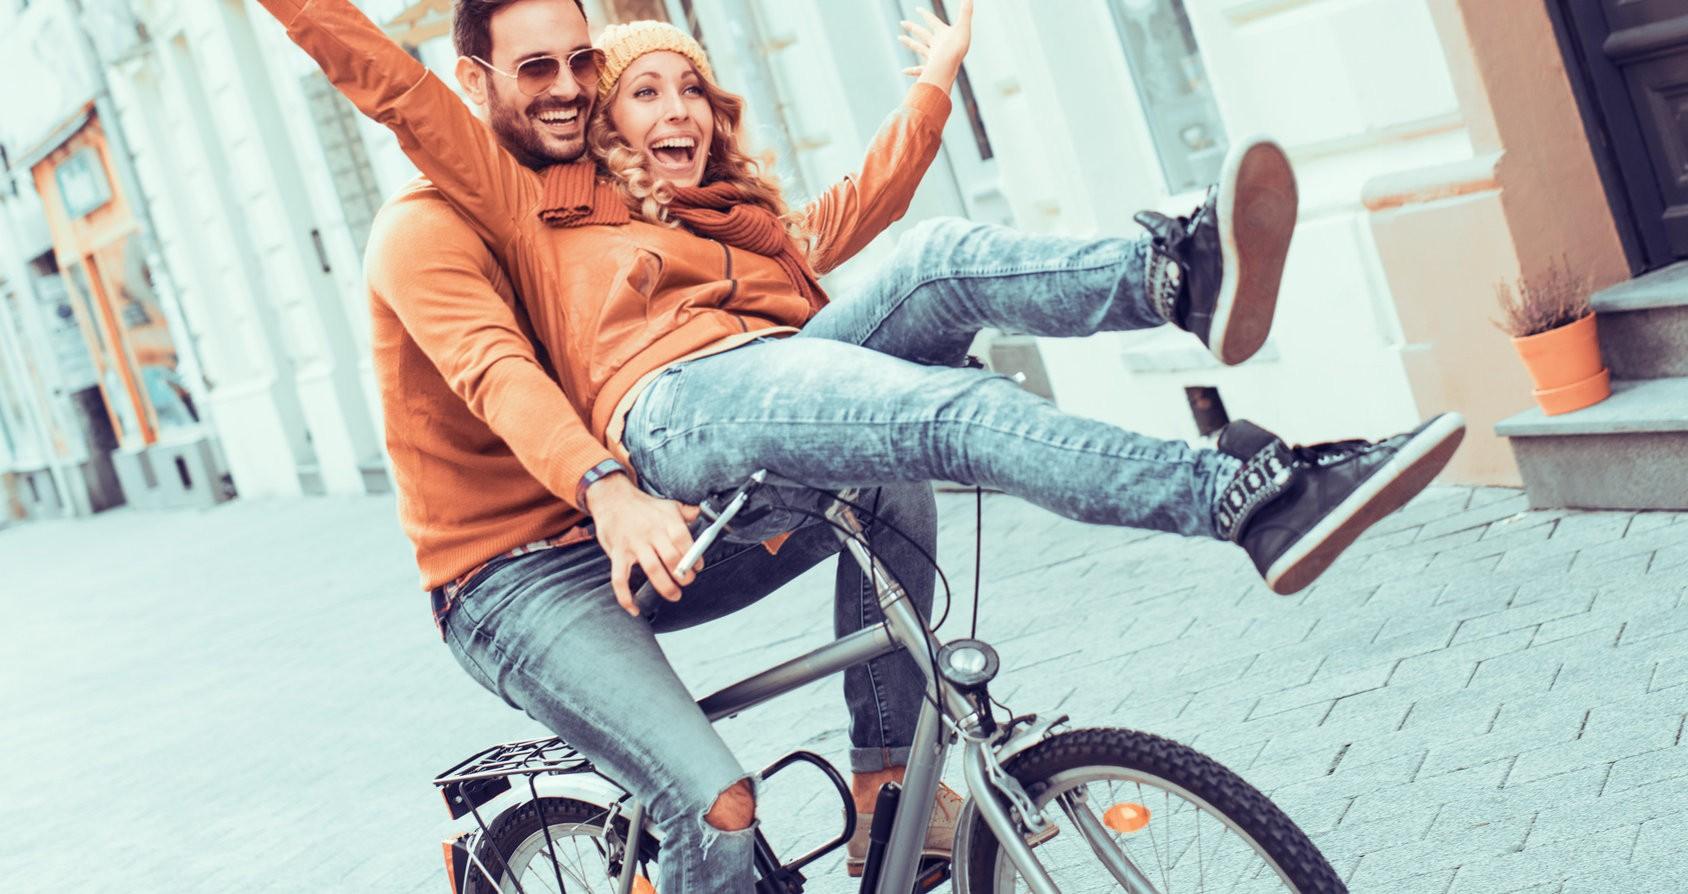 5 Tipps zum Fahrradfahren in der Stadt